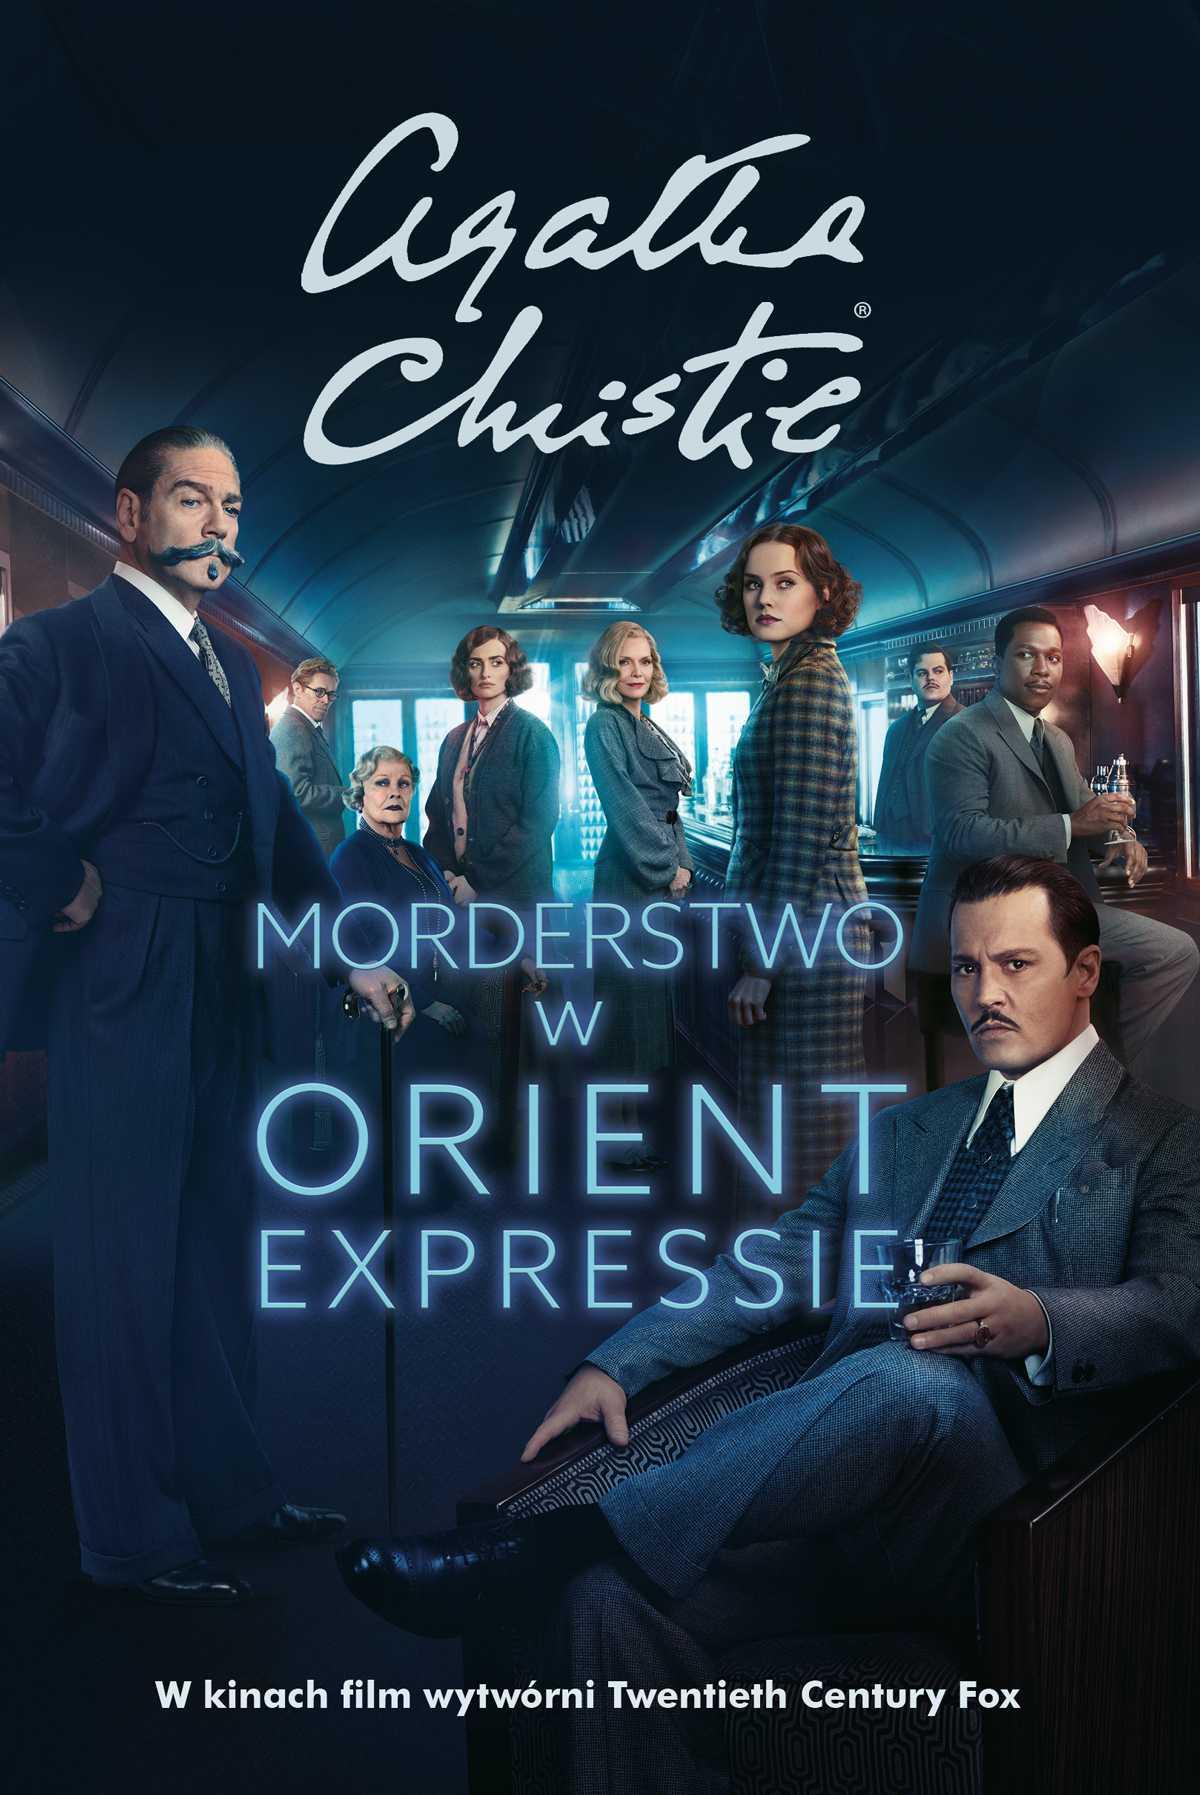 Morderstwo w Orient Expressie - Ebook (Książka EPUB) do pobrania w formacie EPUB